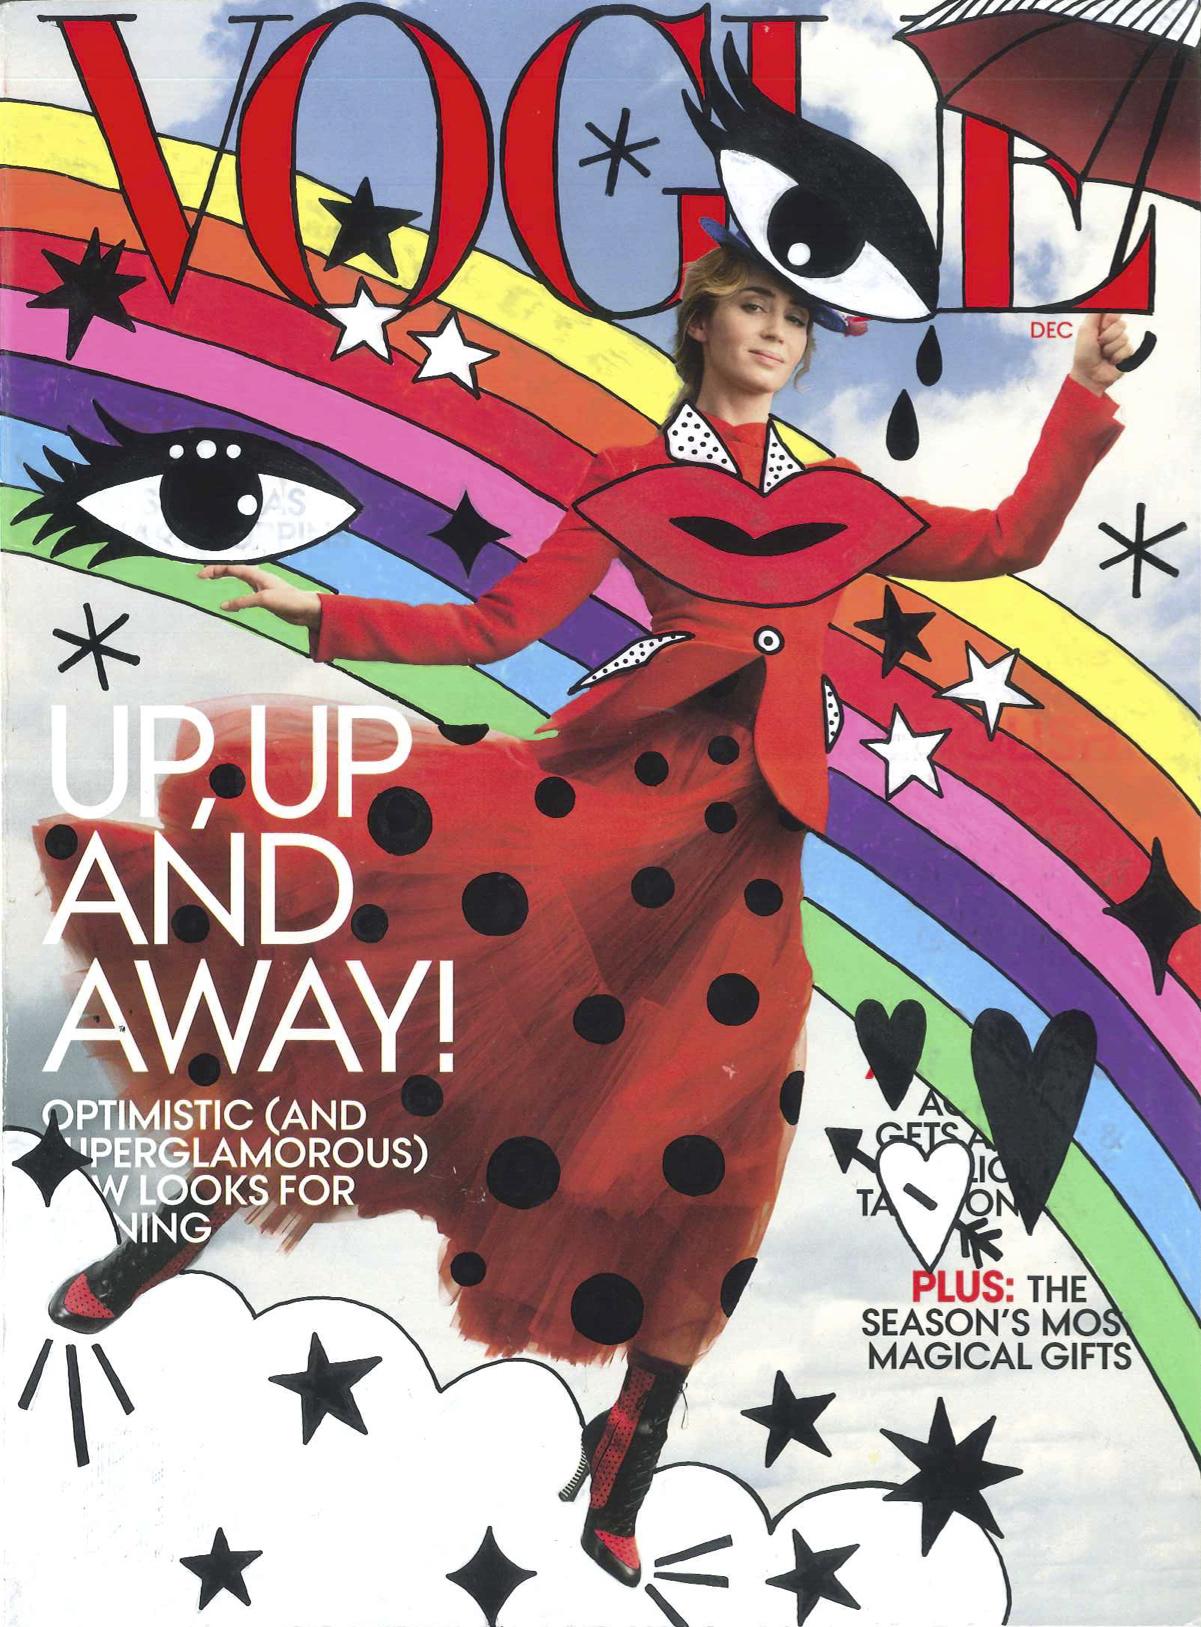 Vogue - Emily Blunt.jpg